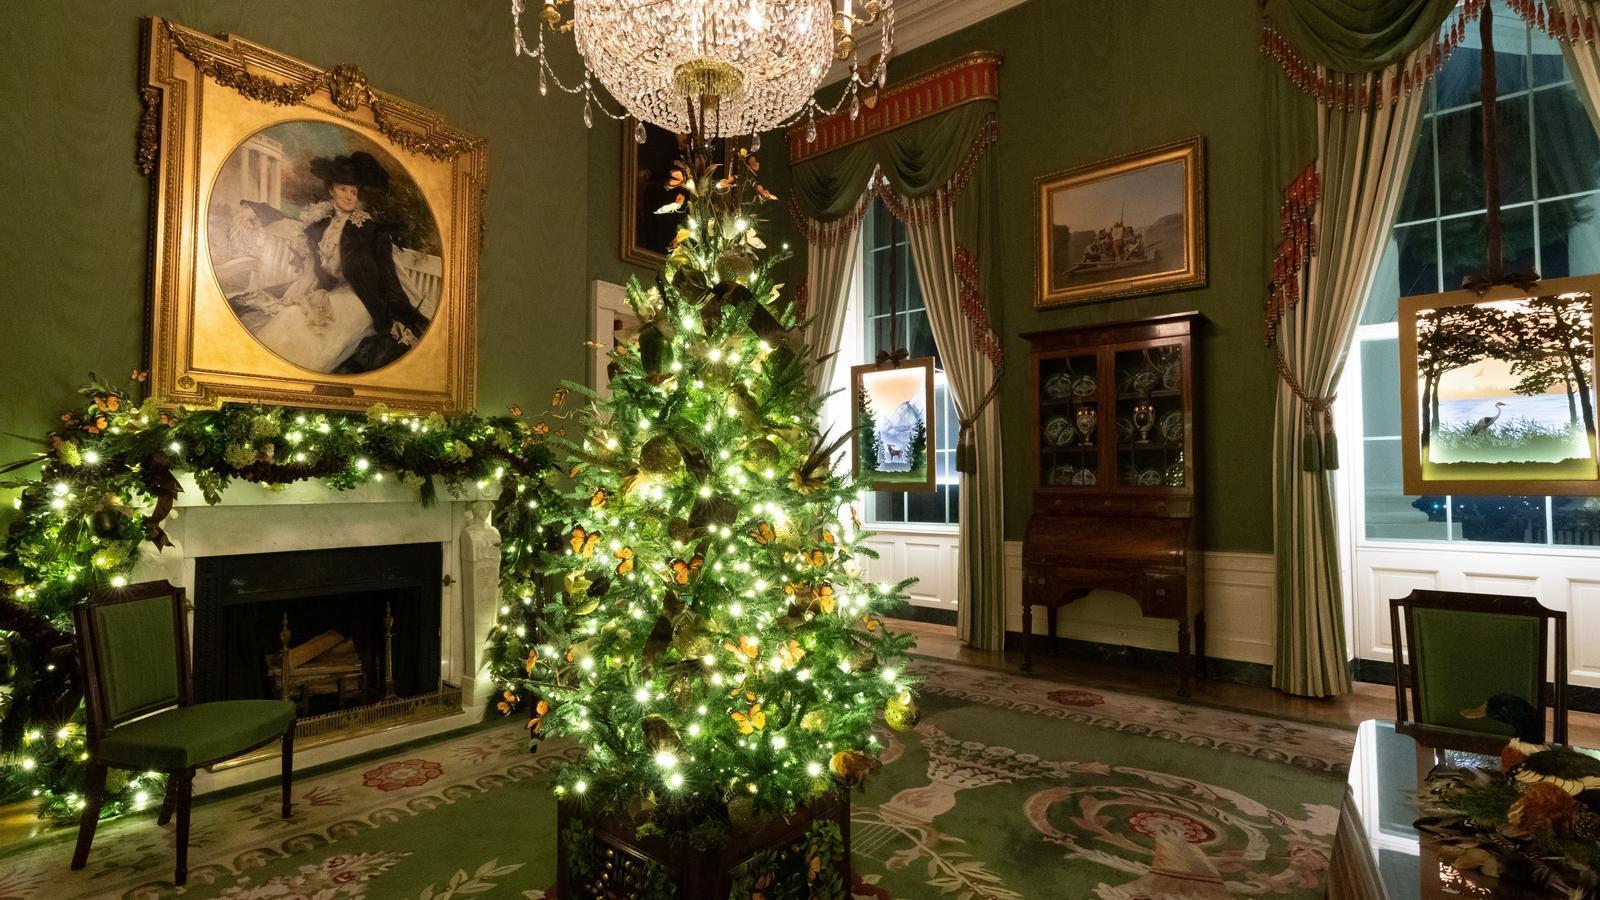 Decoració nadalenca del 2020 a la Casa Blanca